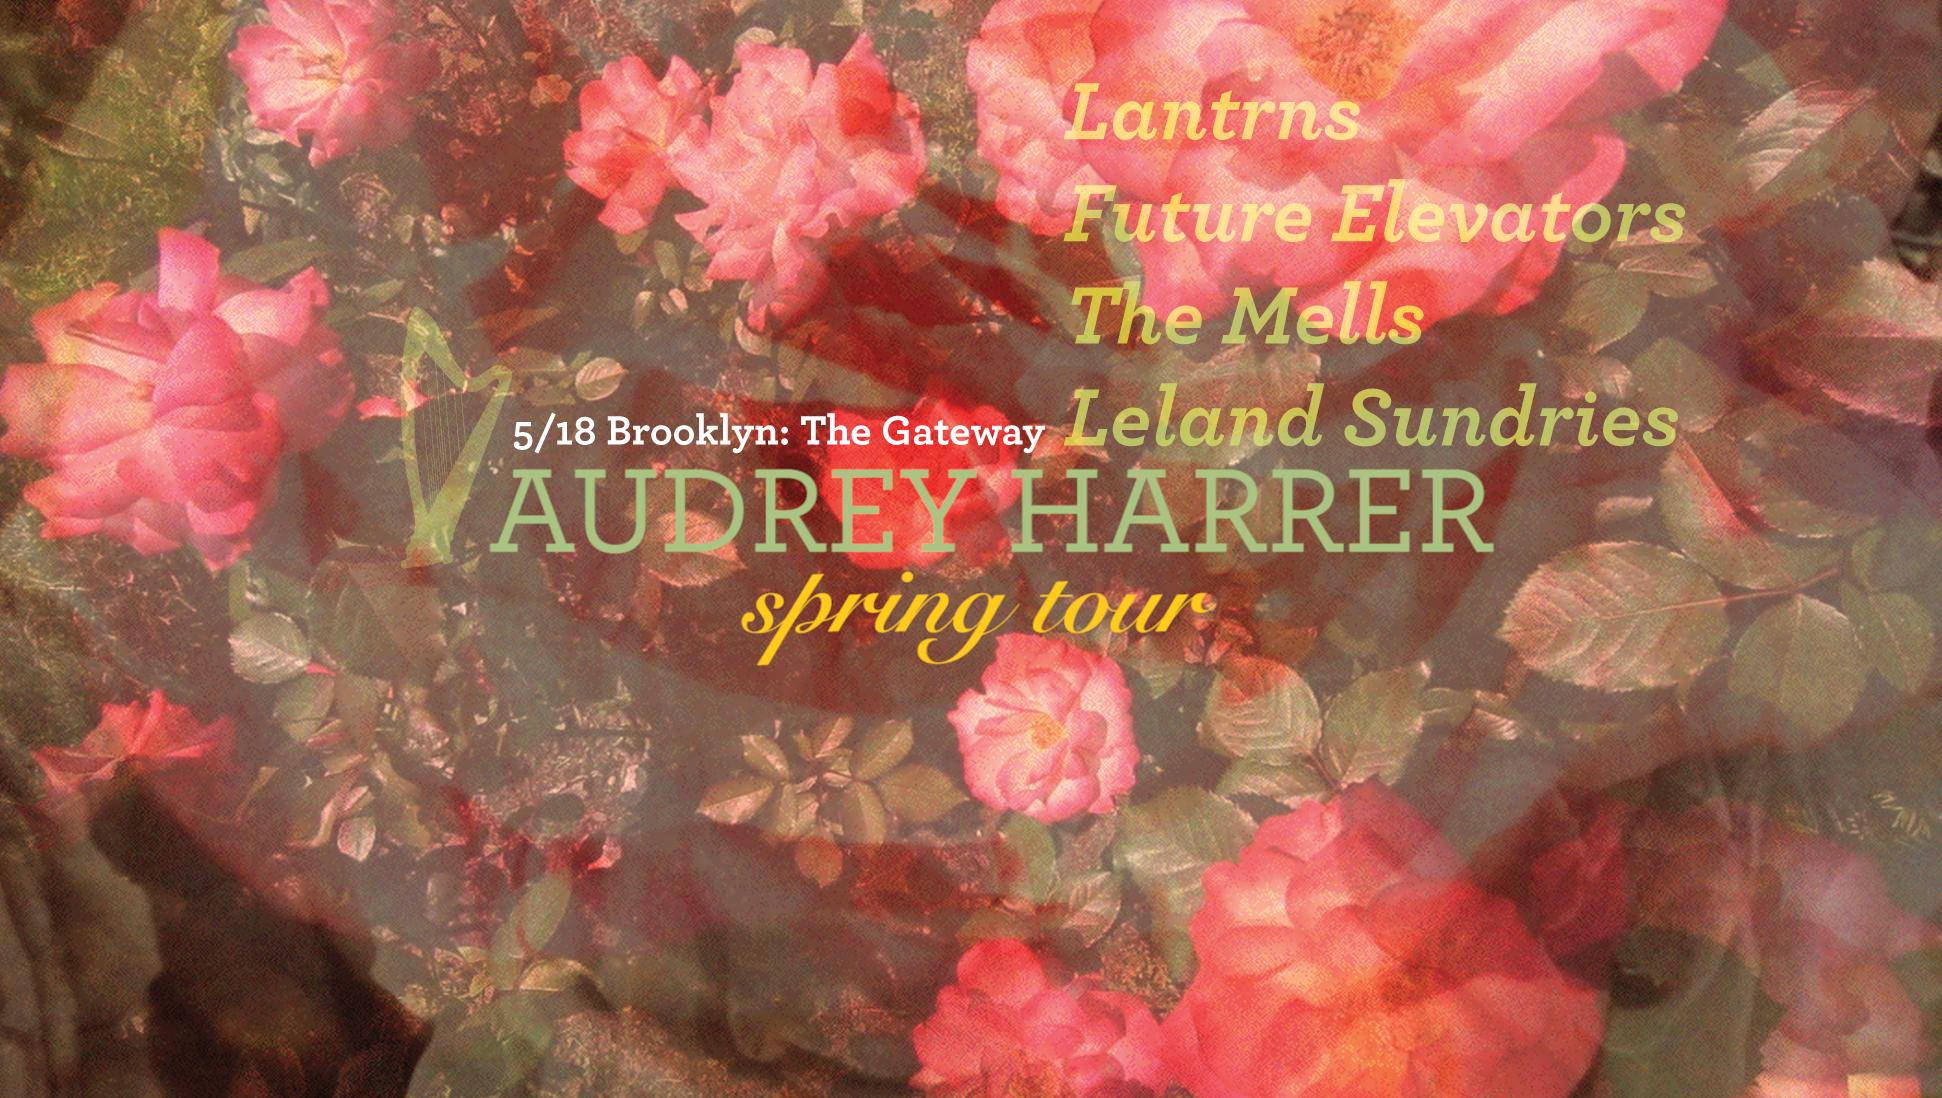 5/18 BROOKLYN: THE GATEWAY  Lantrns // Future Elevators (AL) // The Mells // Leland Sundries   https://www.facebook.com/events/230221324005336/